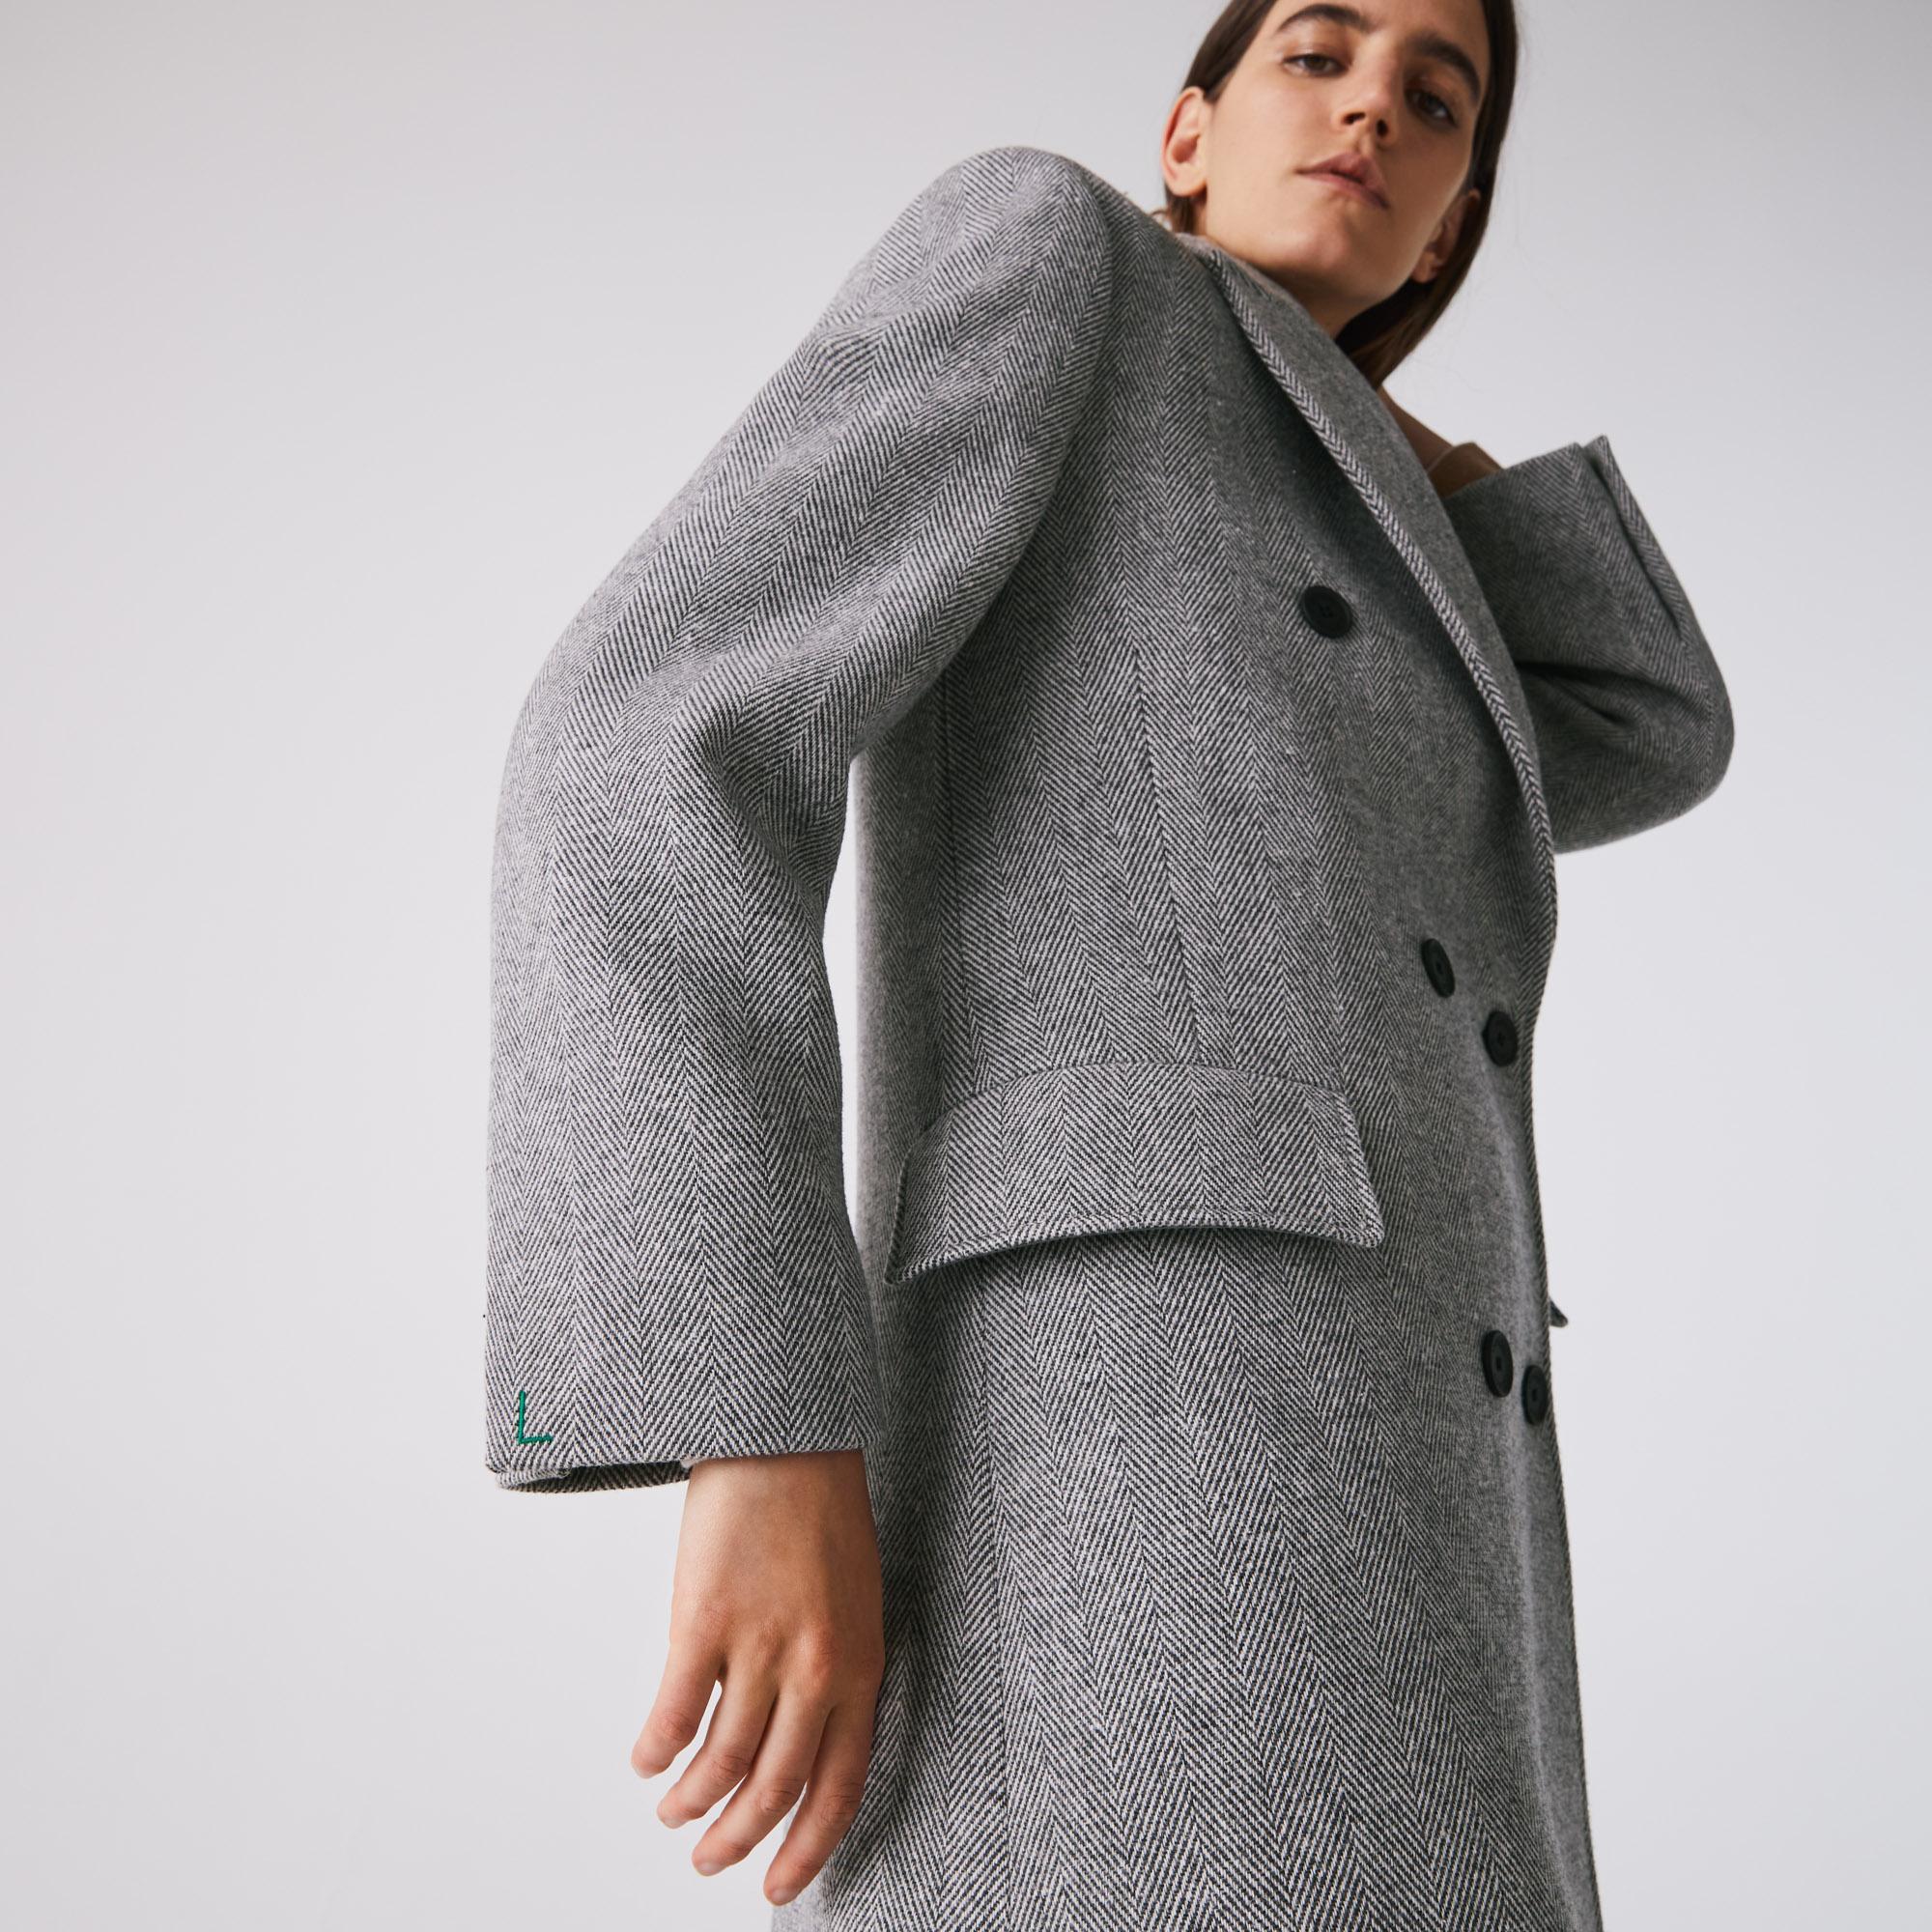 Lacoste Women's Double-Breasted Chevron Long Wool Blend Coat